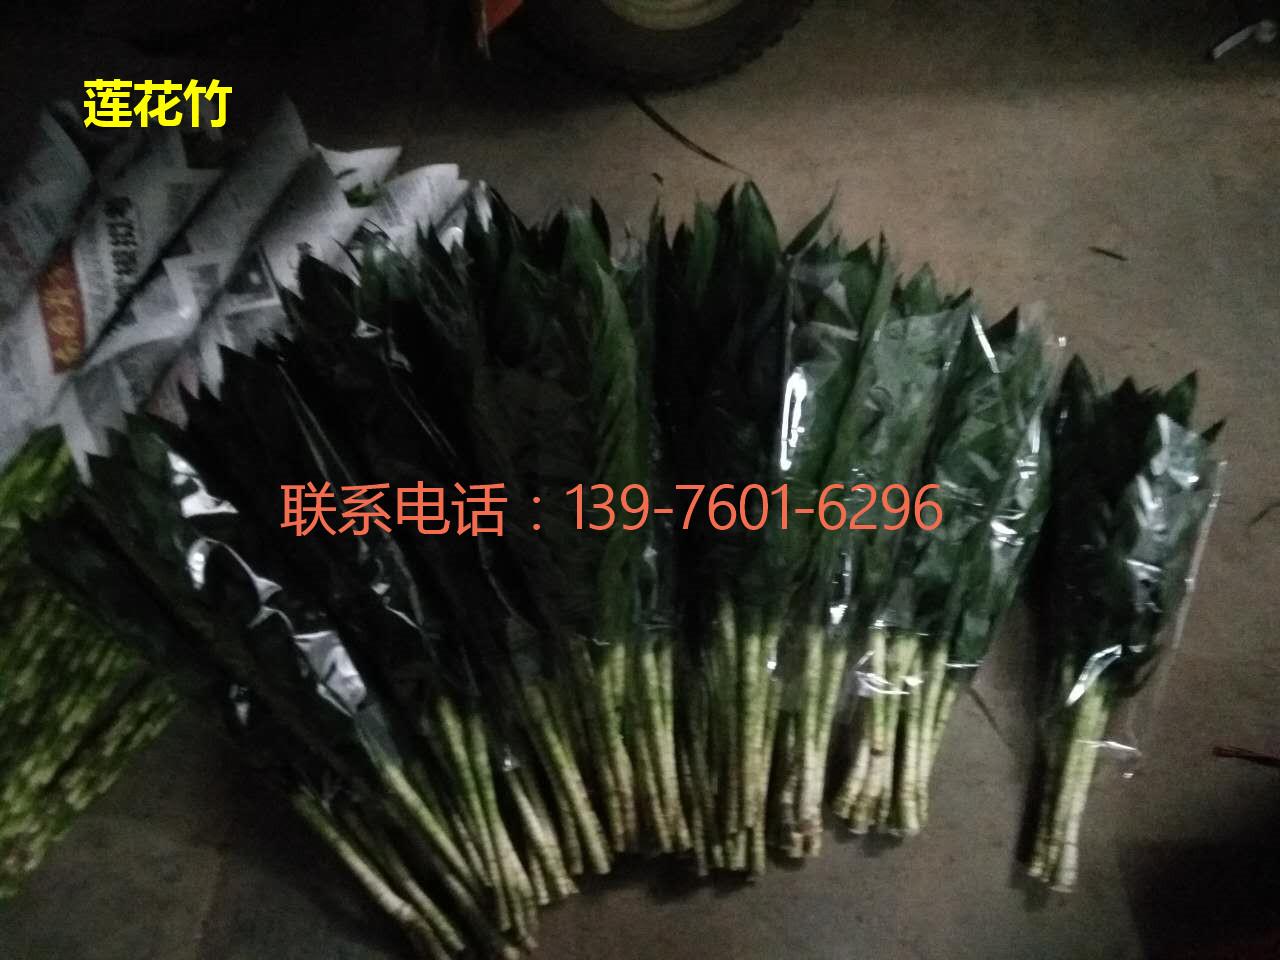 海南莲花竹采购 海口莲花竹直销-- 馨宁花卉园艺